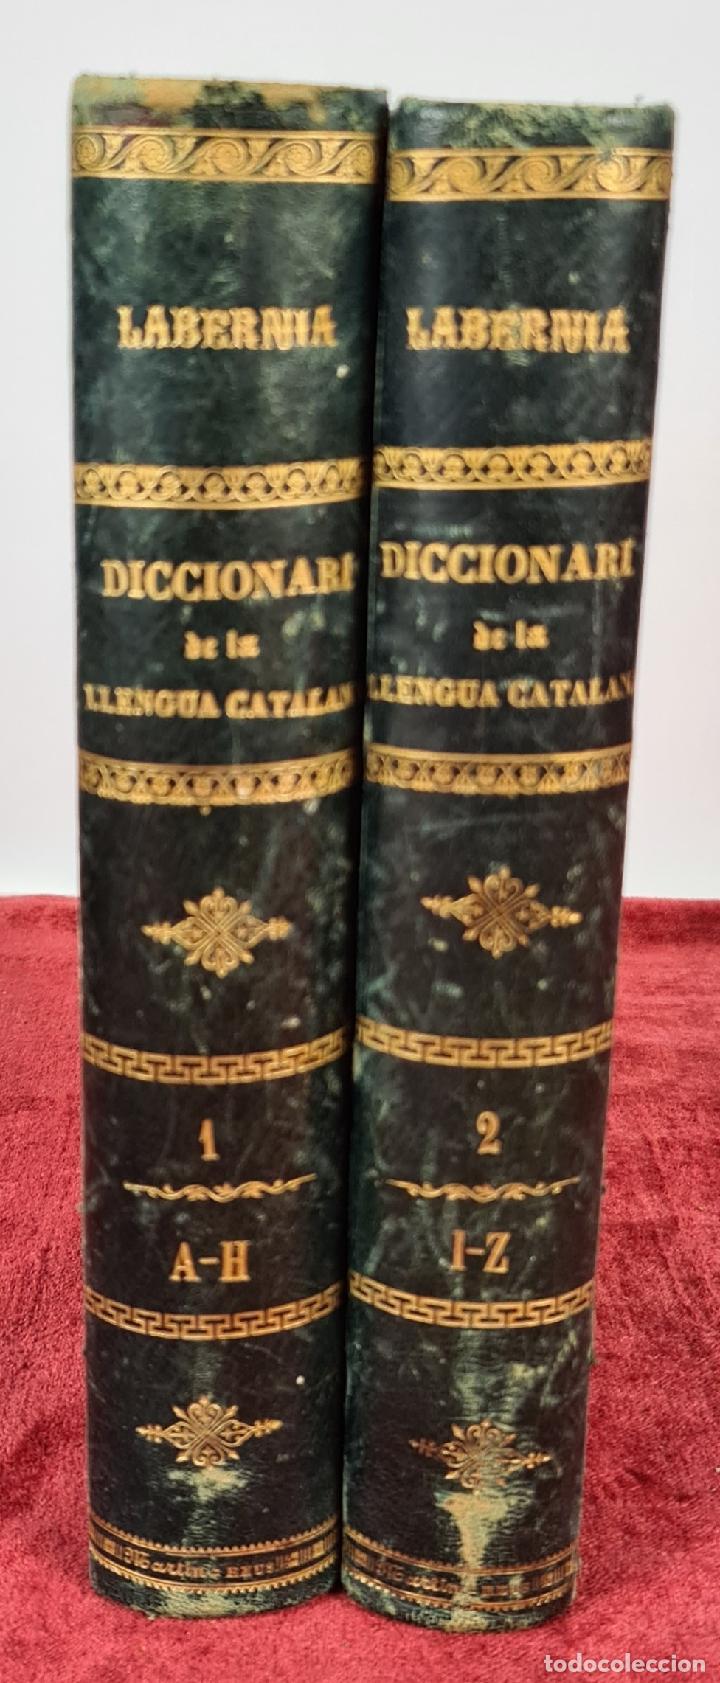 DICCIONARI DE LA LLENGUA CATALANA. PERE LABERNIA. ESPASA HERMANOS. 2 VOL. 1864. (Libros Antiguos, Raros y Curiosos - Diccionarios)